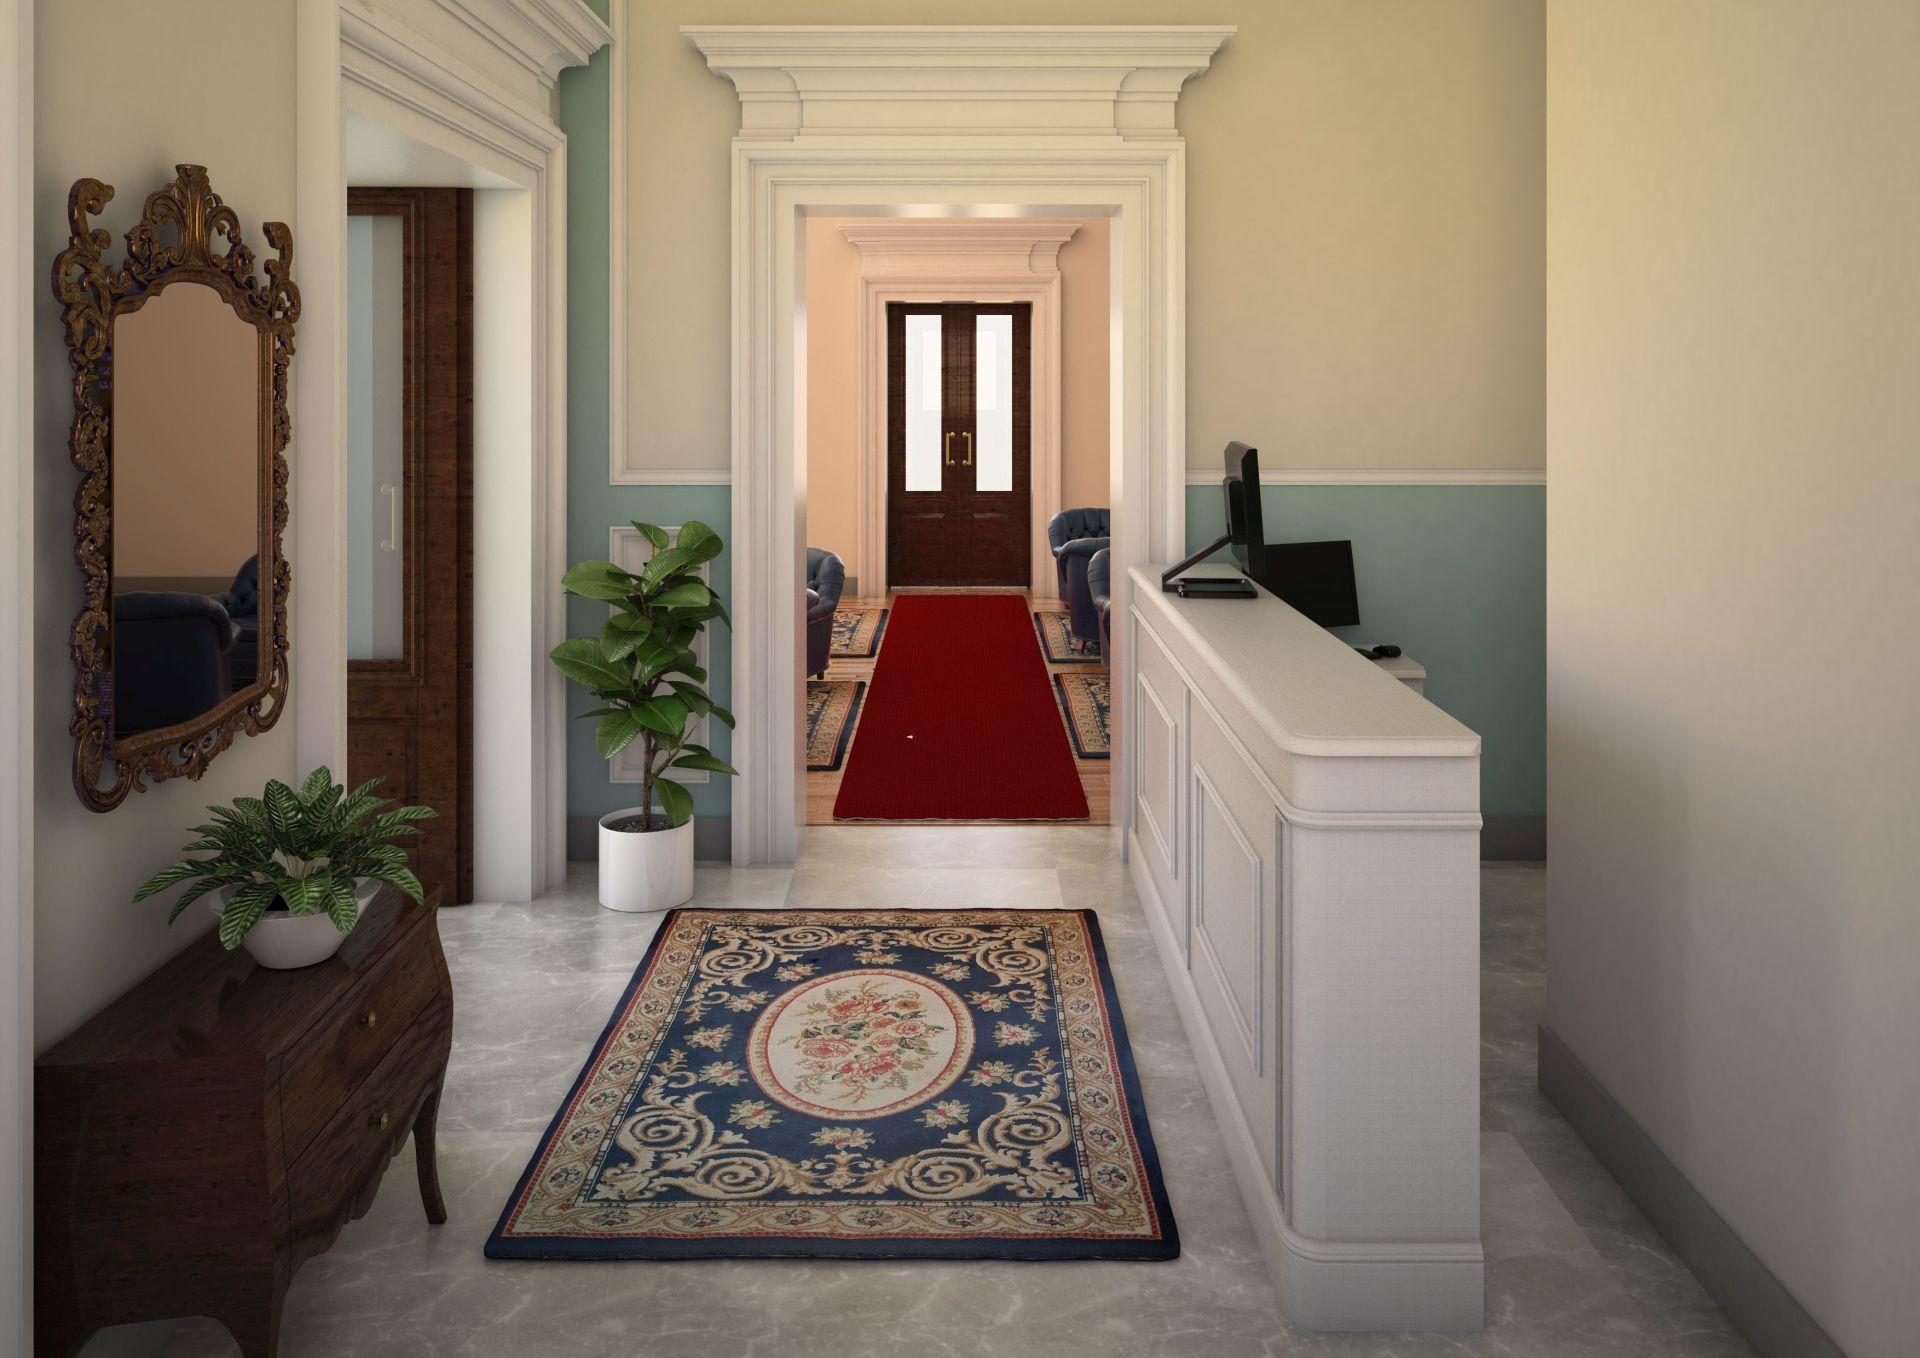 Villa Royal Hotel Firenze B